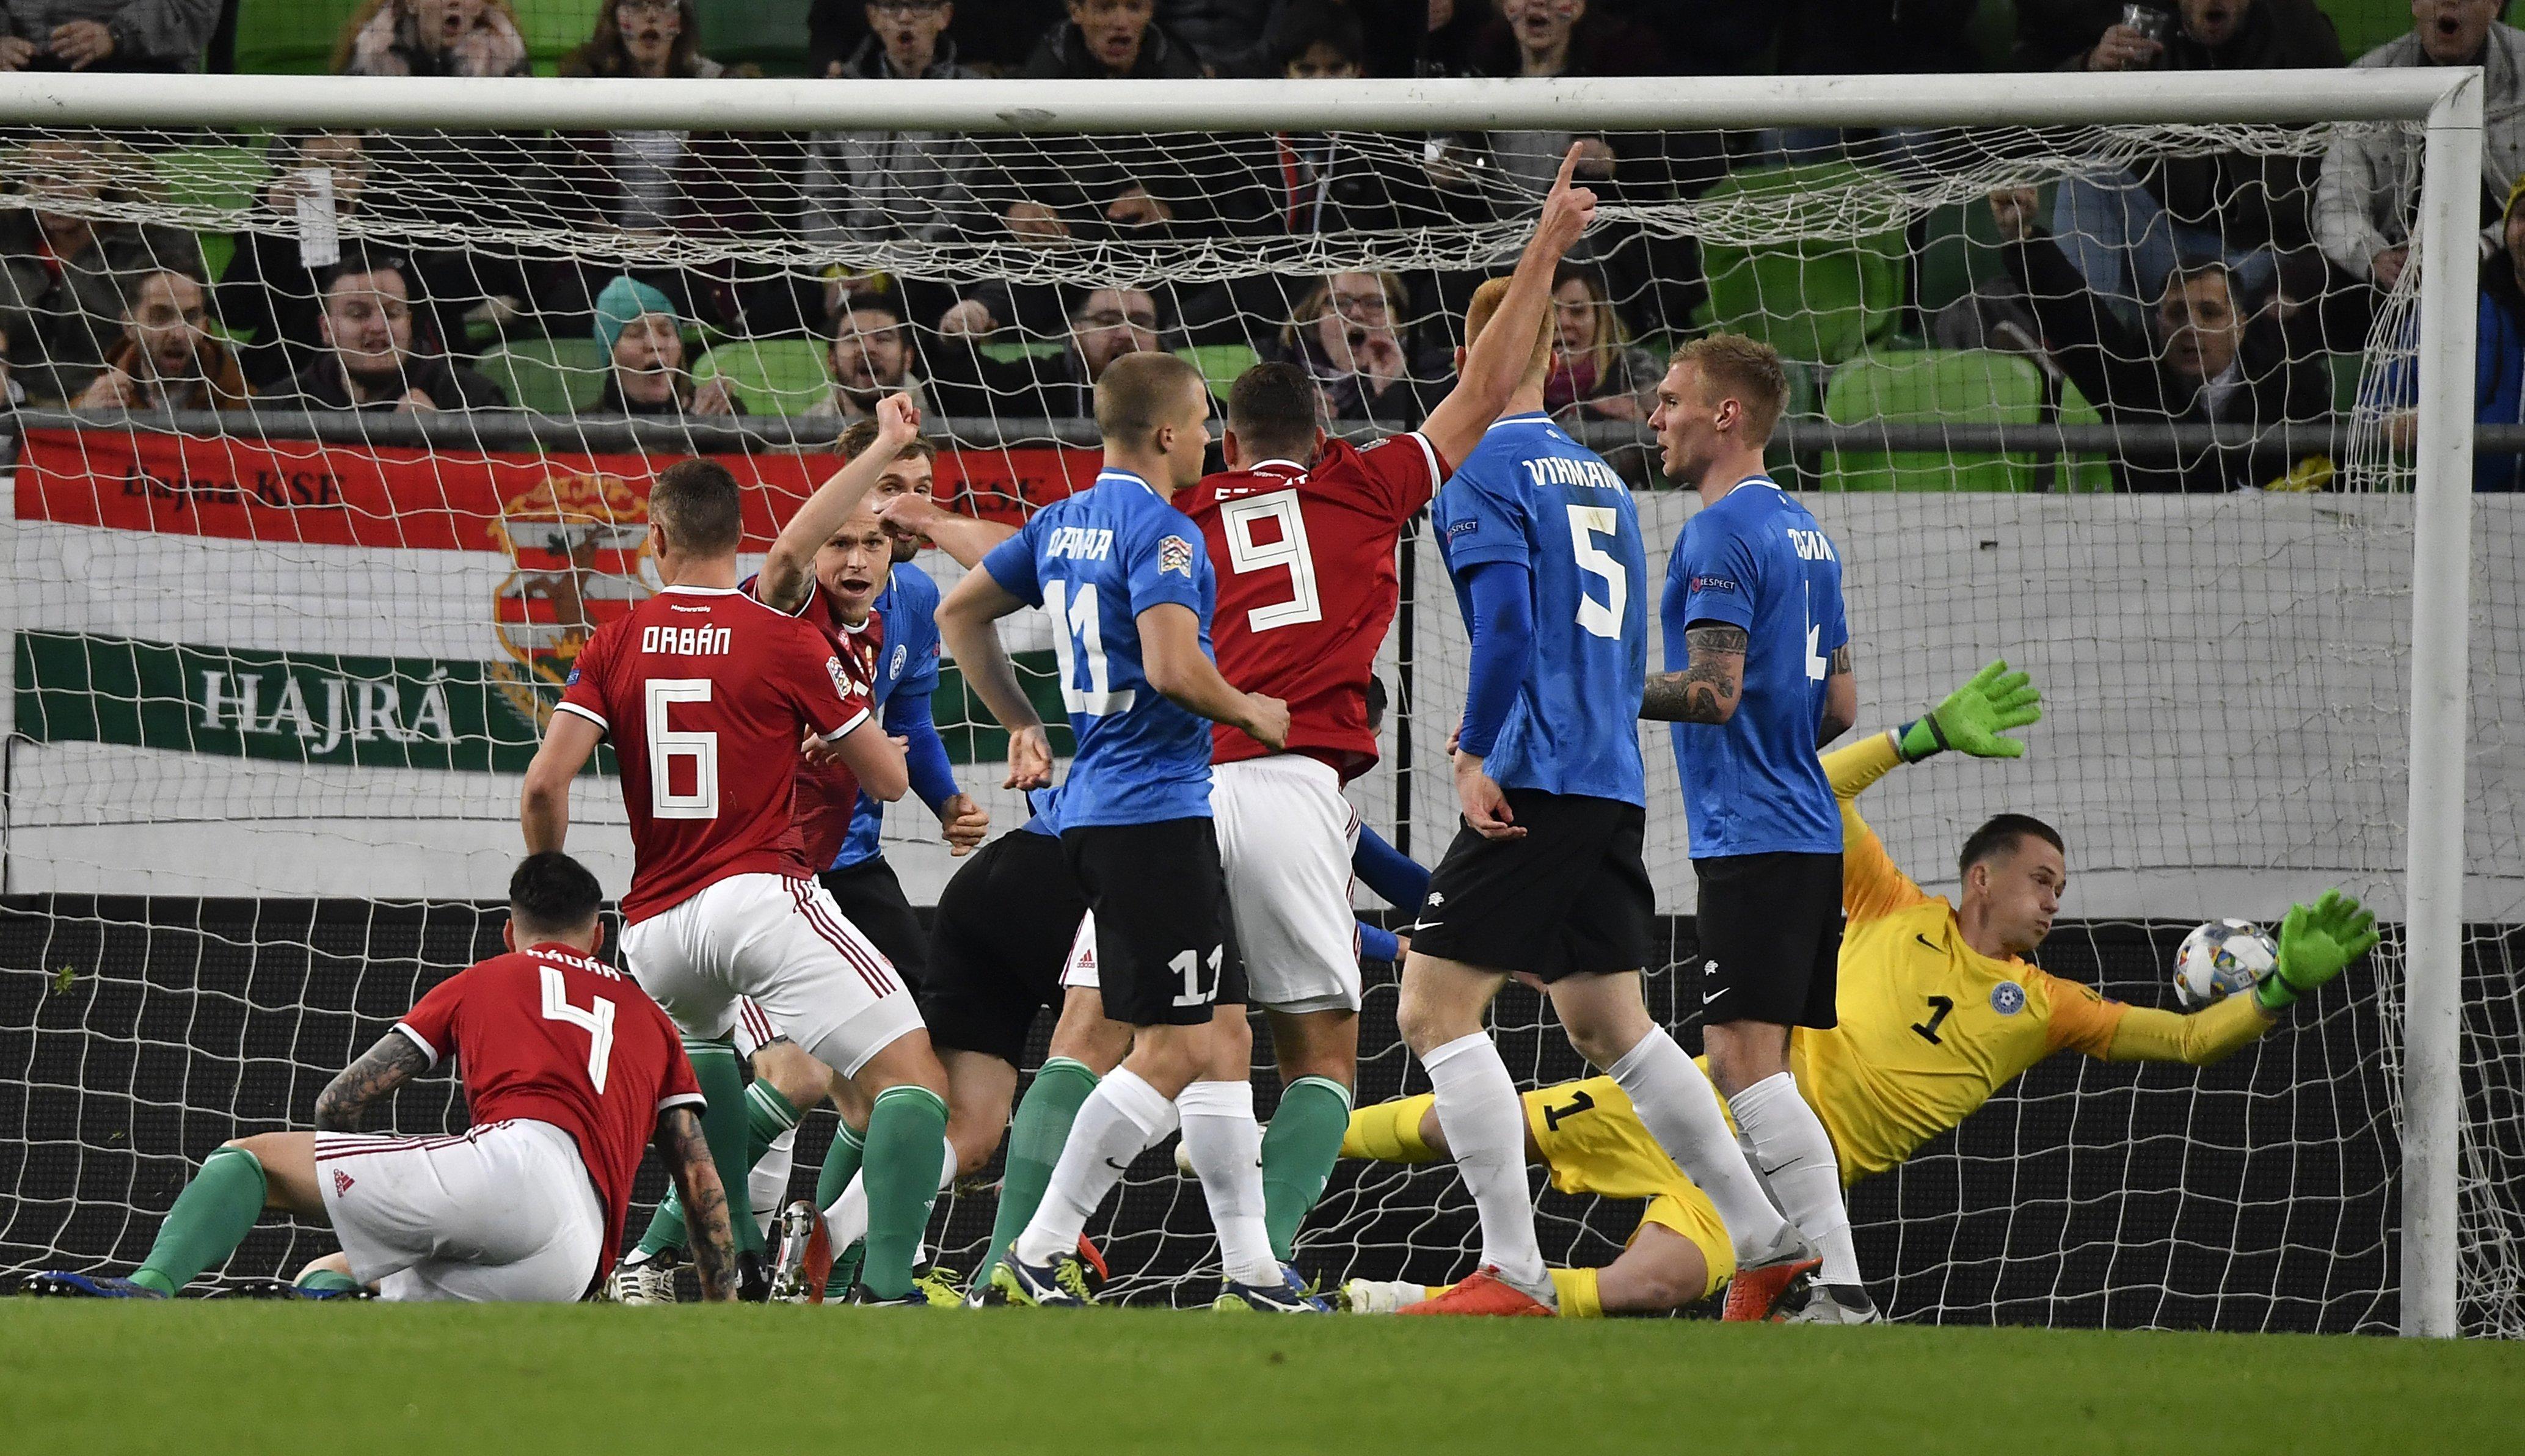 Magyarország Észtország Orban gólja